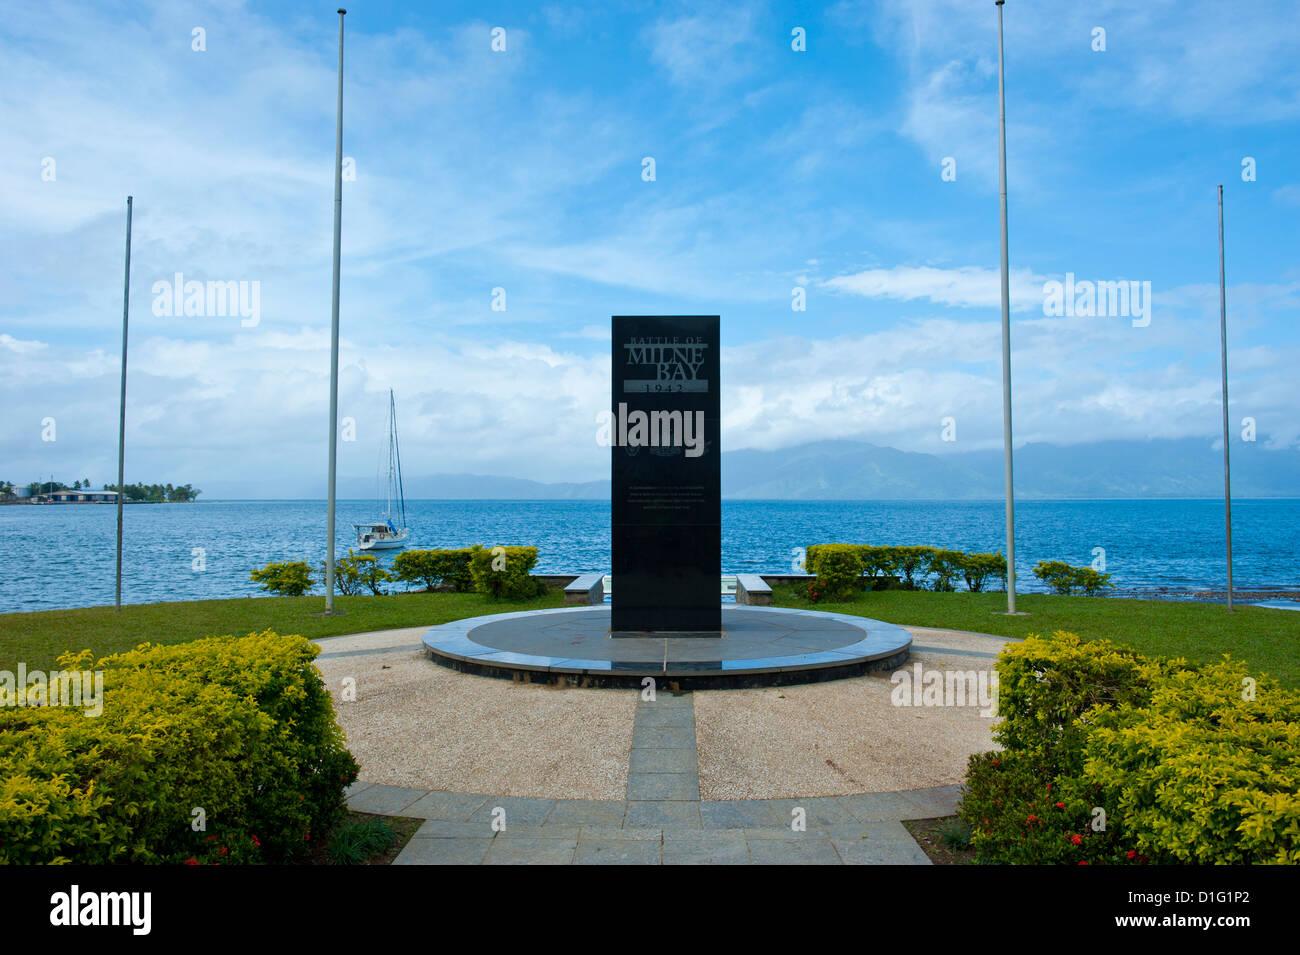 War Memorial in Milne Bay, Alotau, Papua New Guinea, Pacific - Stock Image